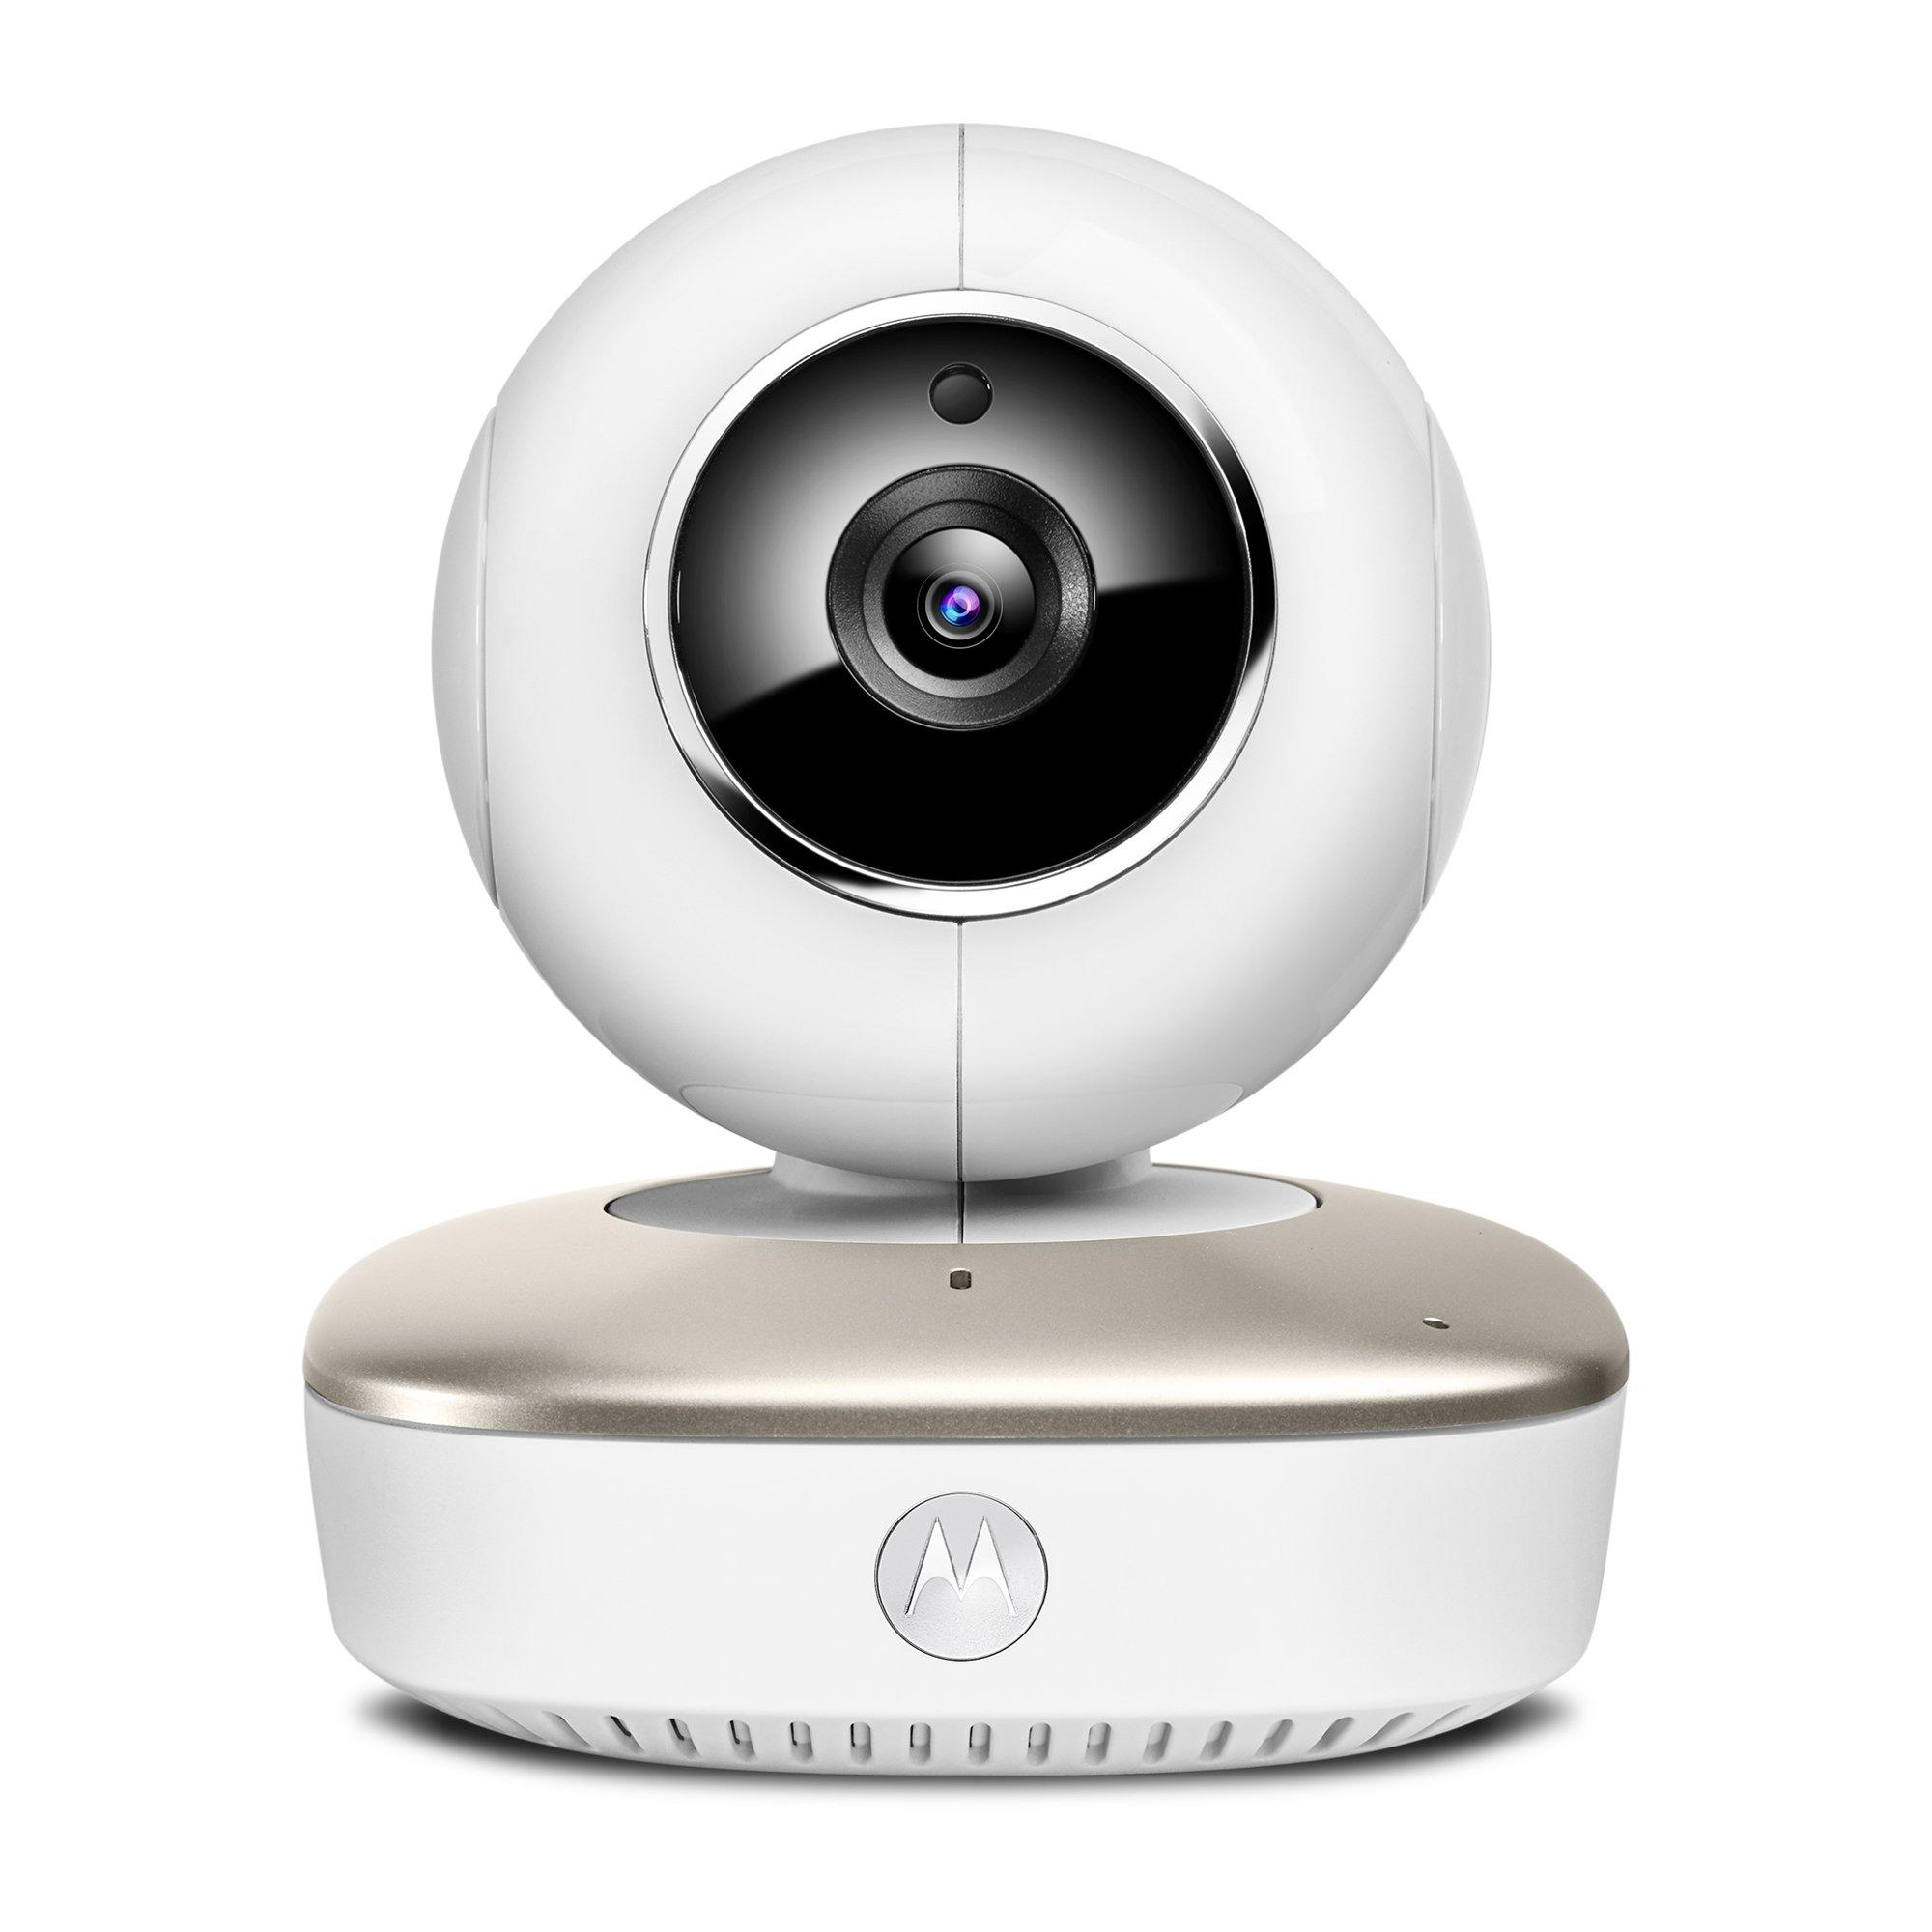 Exclusive] Motorola Smart Nursery Cam Portable Wi-Fi Video Baby Monitor Camera